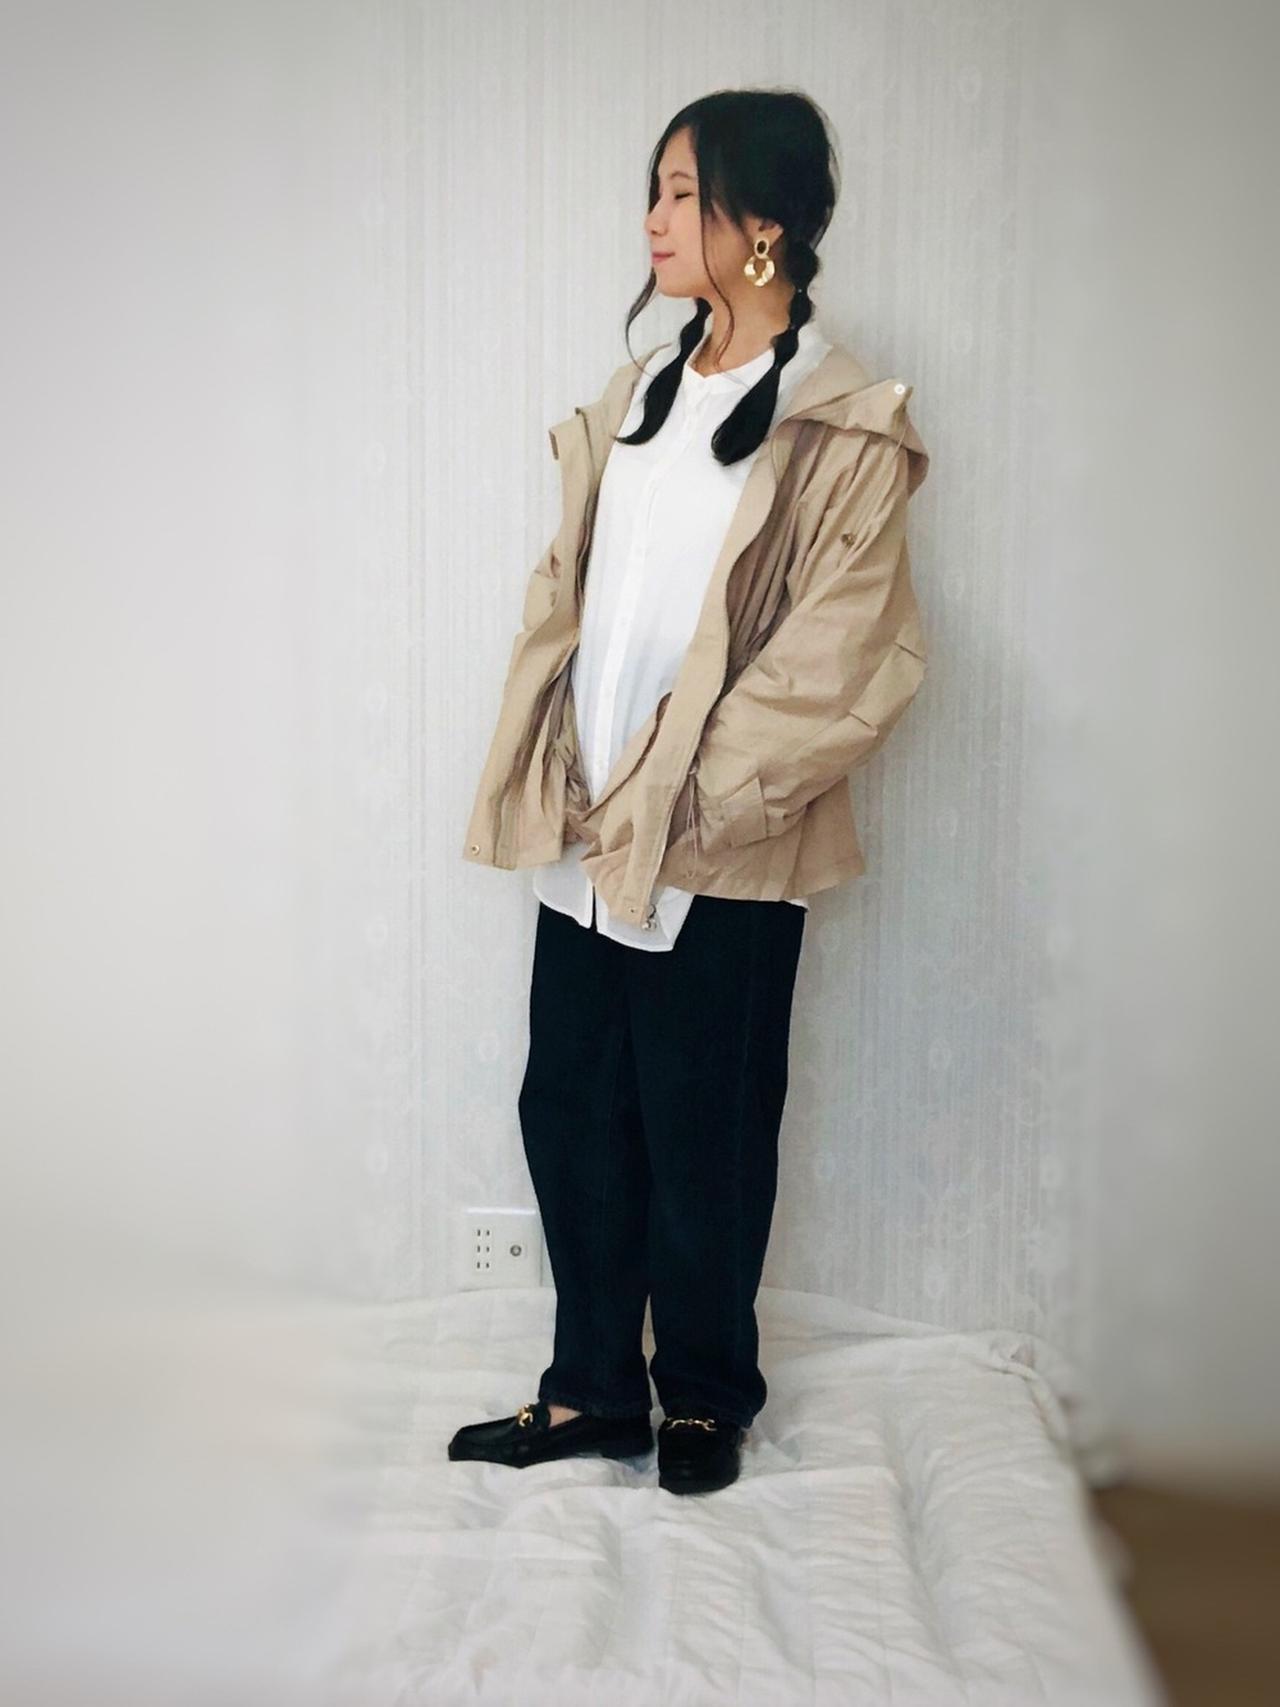 画像: 【しまむら】パンツ平均価格¥1,000〜2,000【しまむら】シャツ平均価格¥1,000〜2,000【しまむら】アウター平均価格¥2,000〜3,000